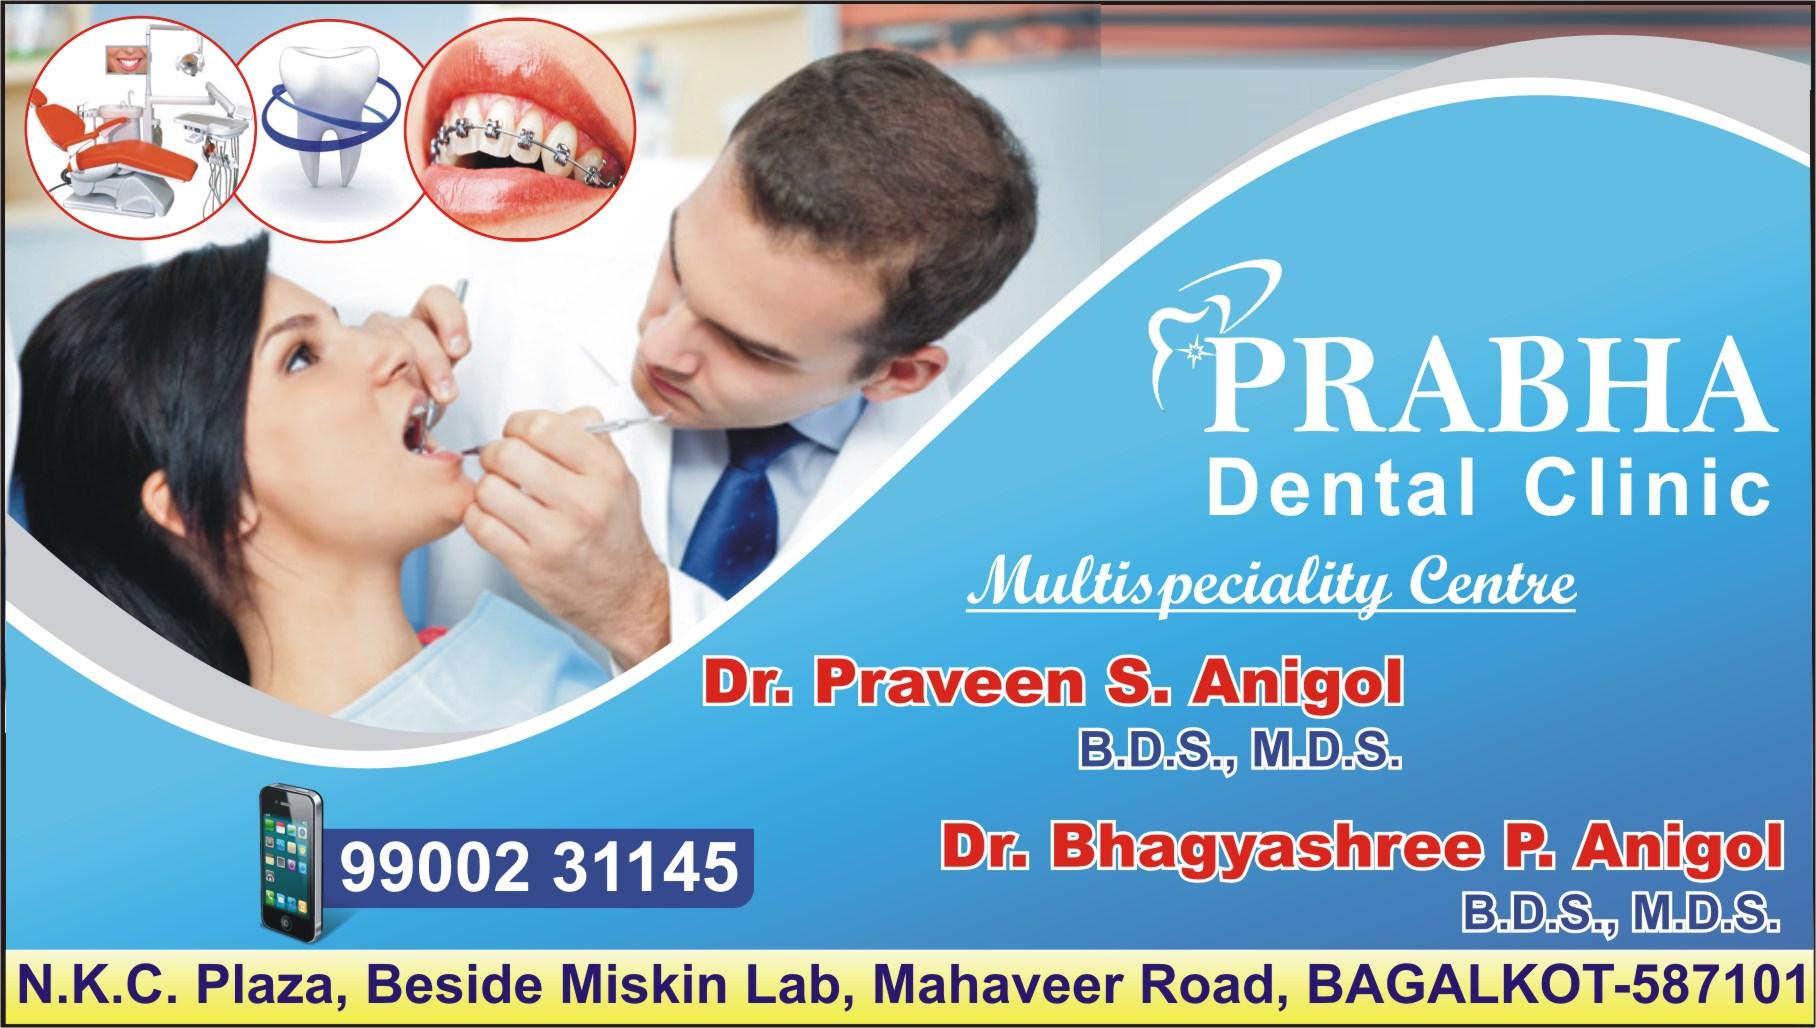 Prabha Dental Clinic